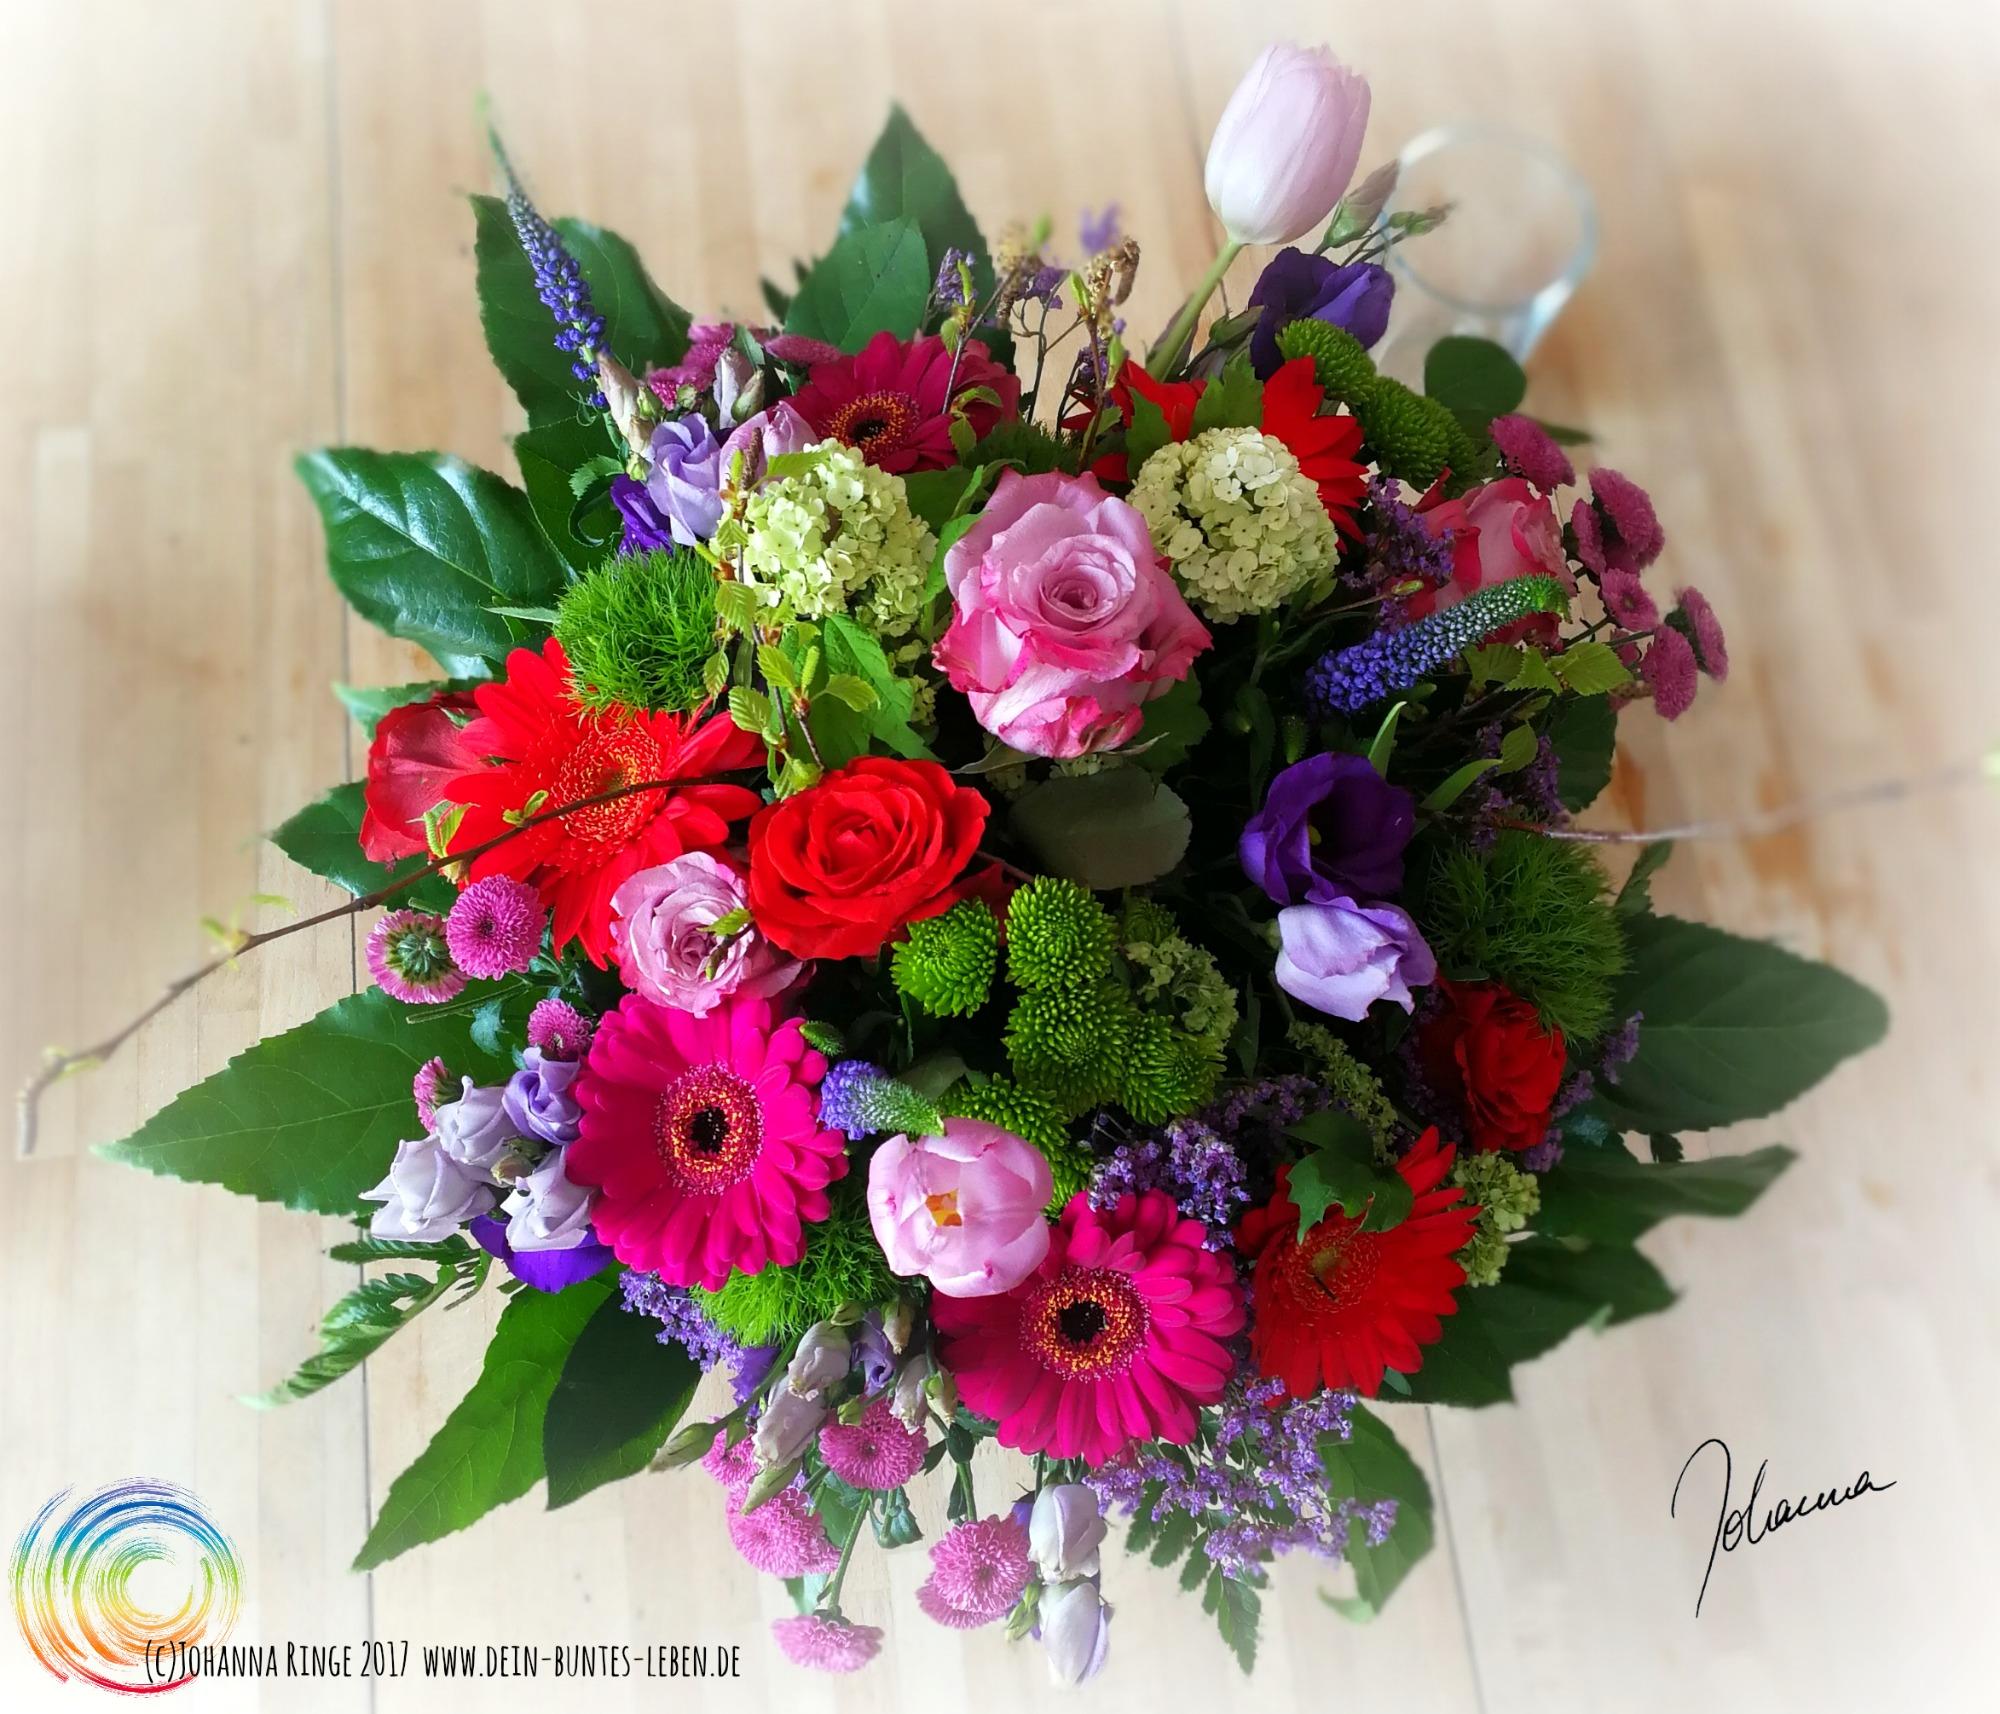 Blumenstrauss zum Geburtstag des bunten Blogs (c) Johanna Ringe 2017 www.dein-buntes-leben.de